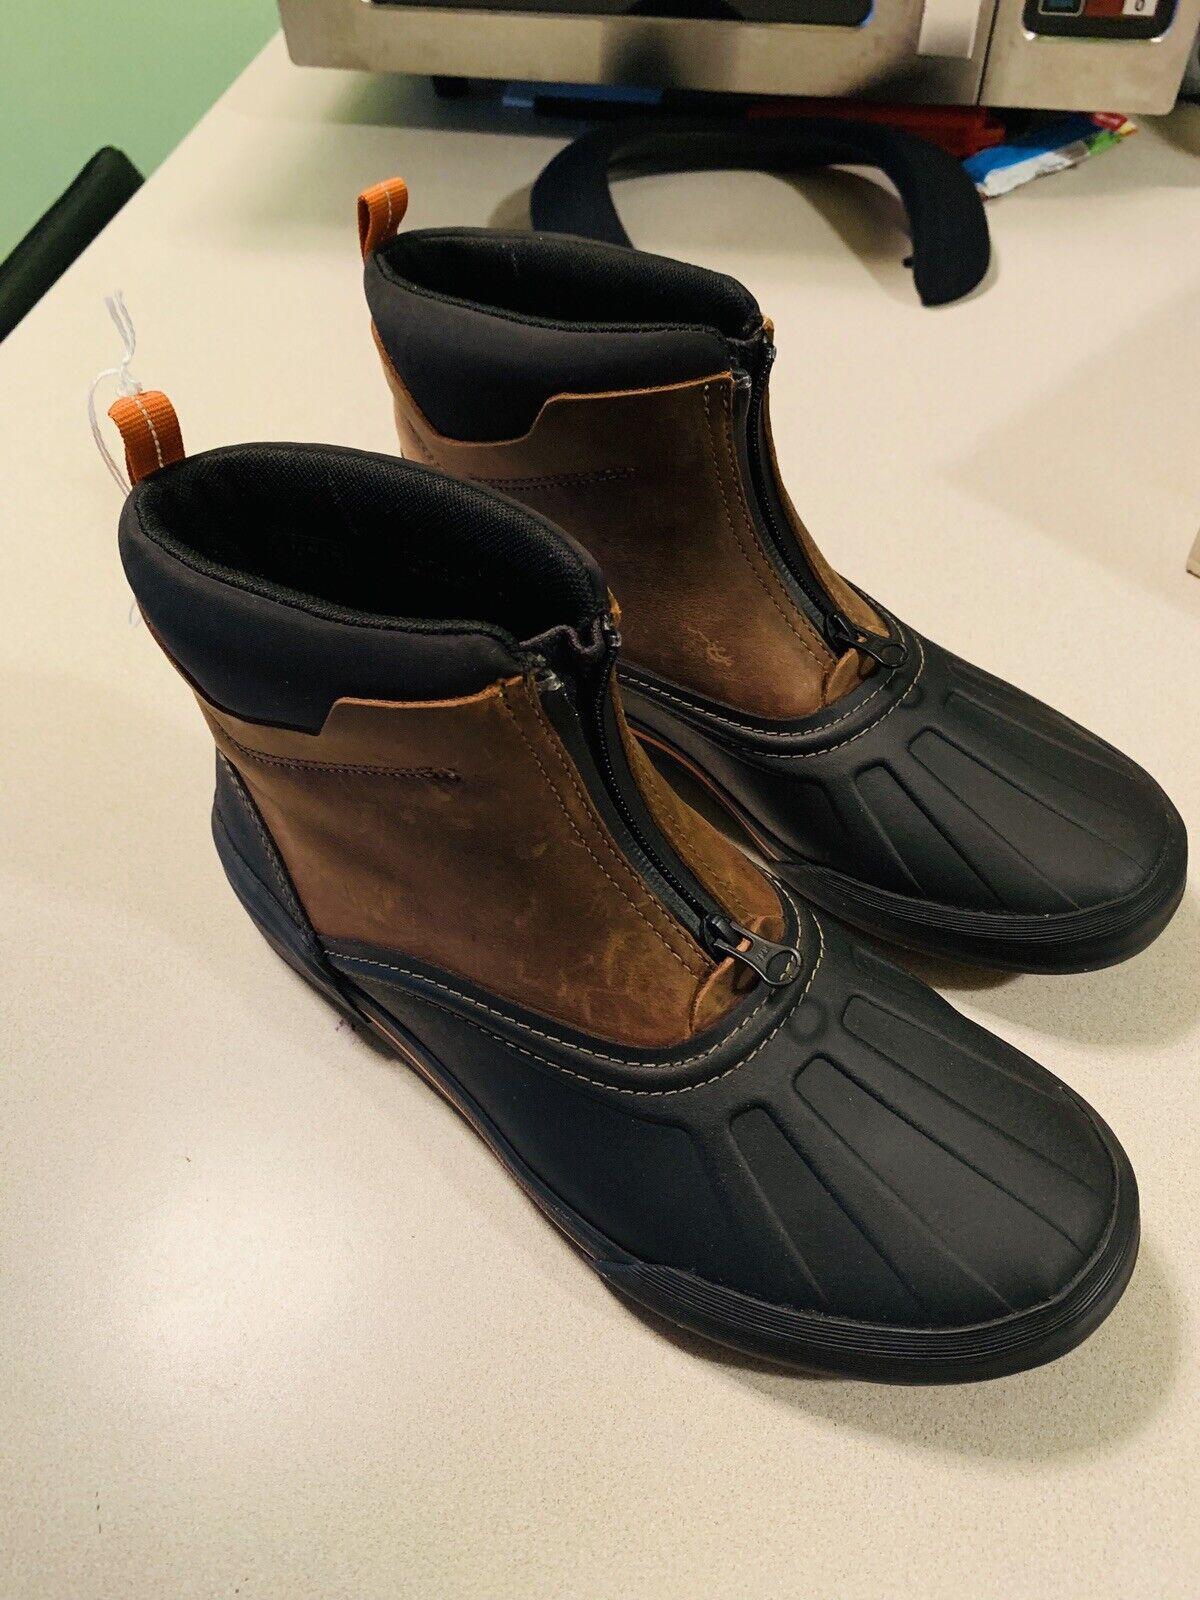 Men's Clarks Bowman Top Duck Stiefel Größe 9.5 Medium Dark Tan Leather